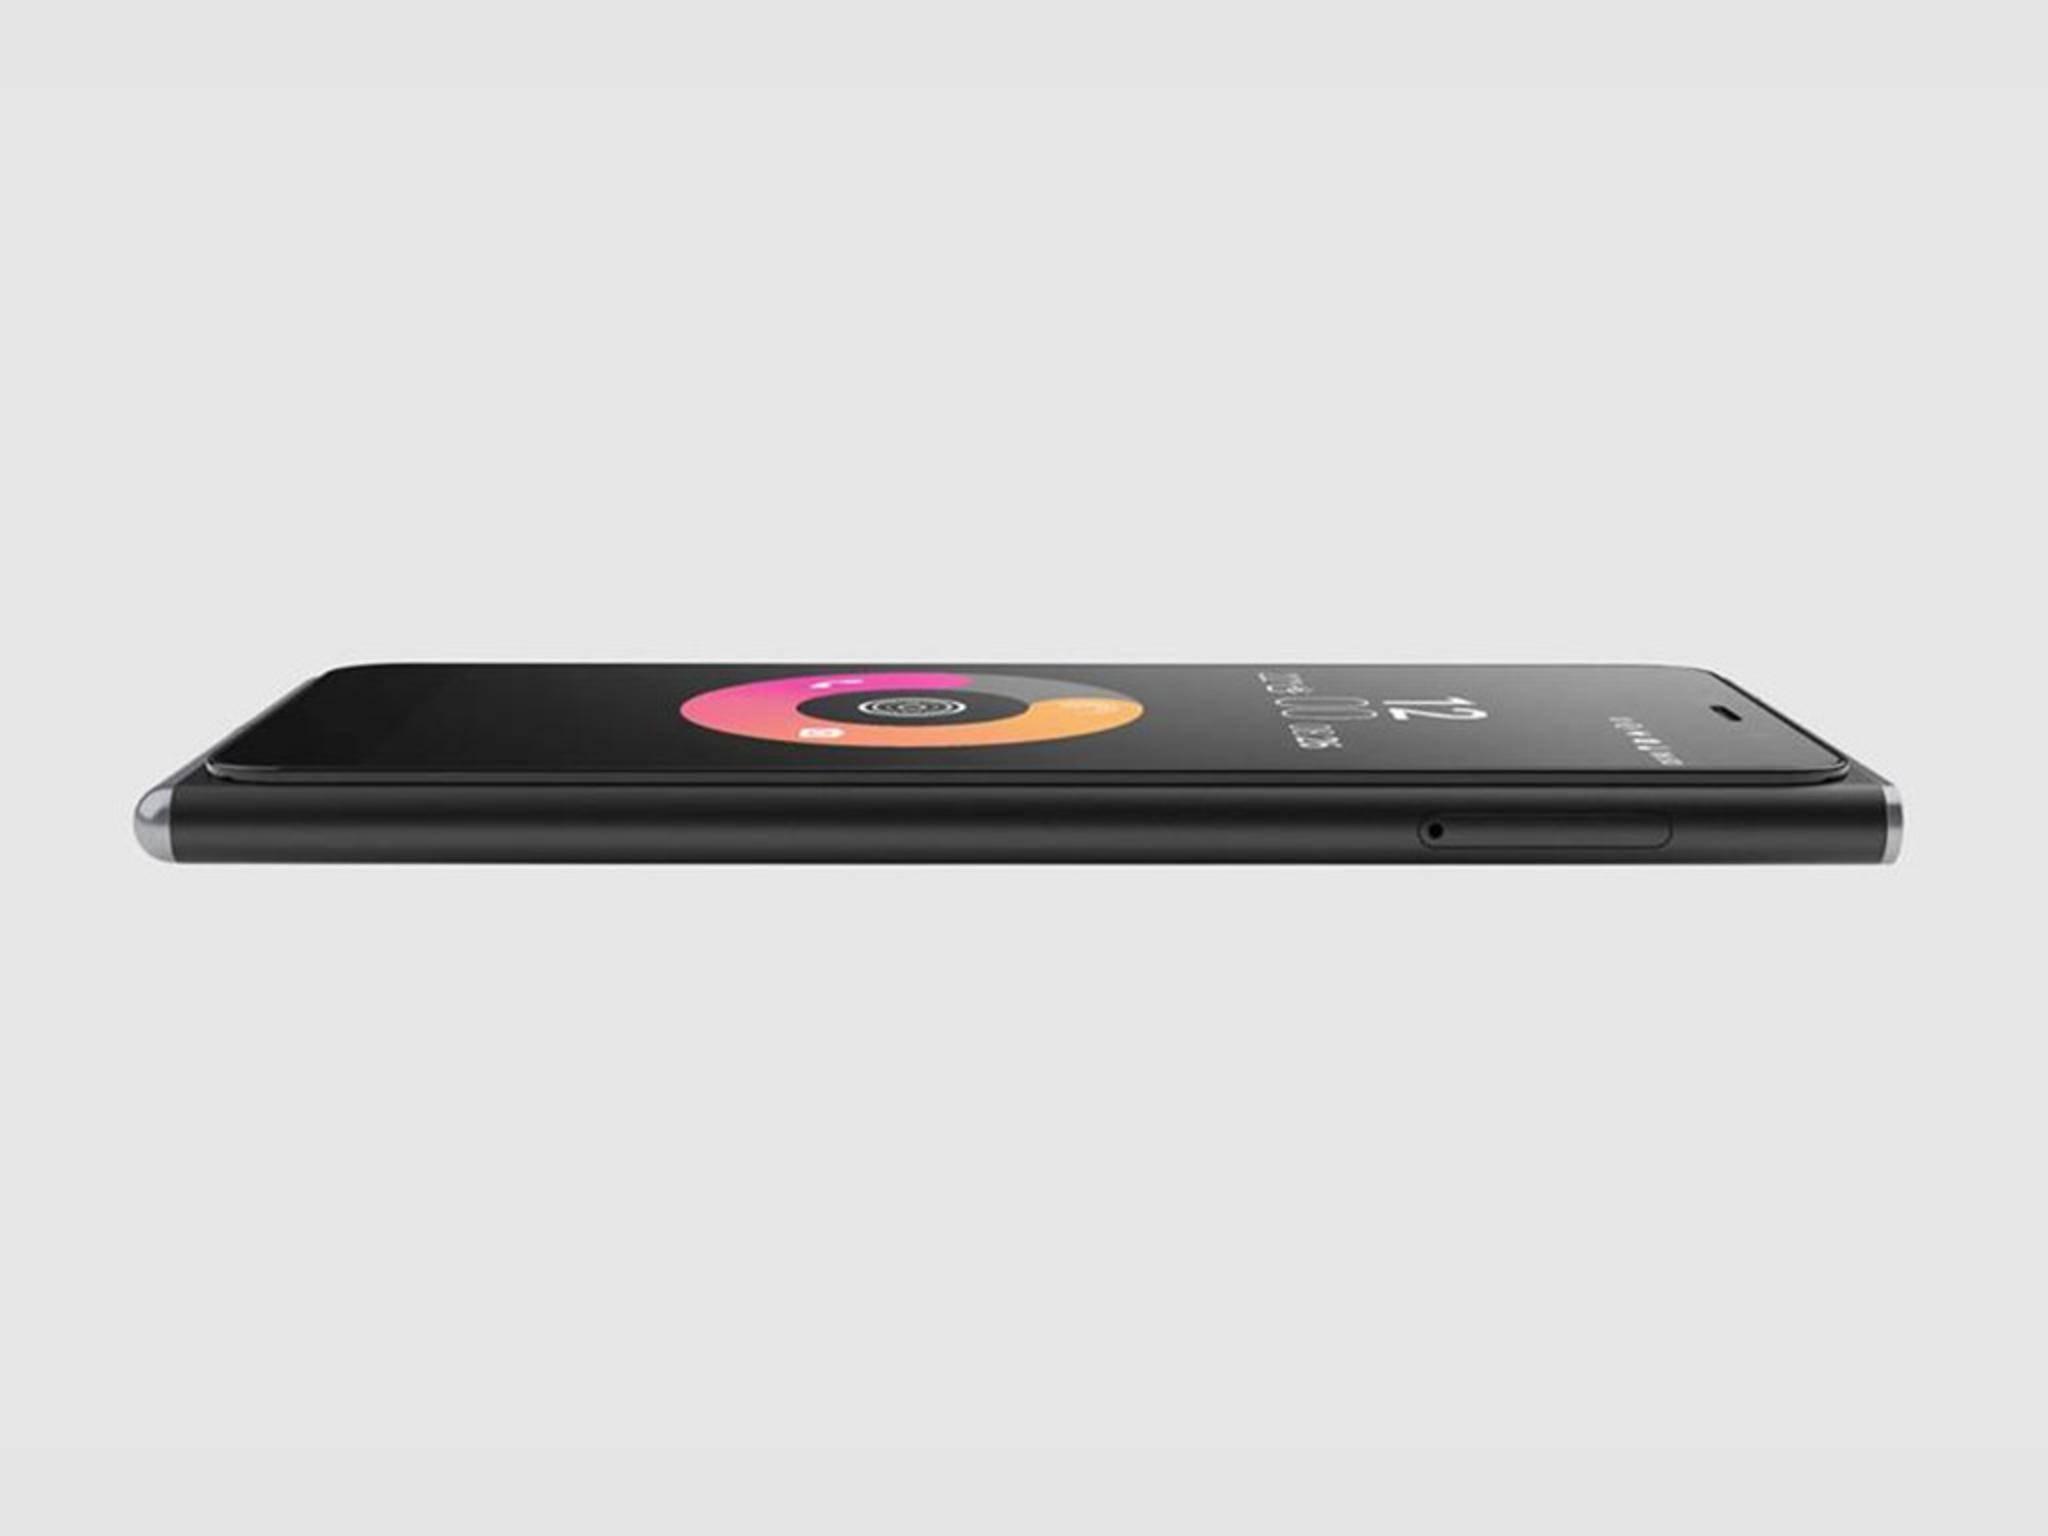 Erhältlich sein wird das SF1-Smartphone bereits ab 199 US-Dollar.